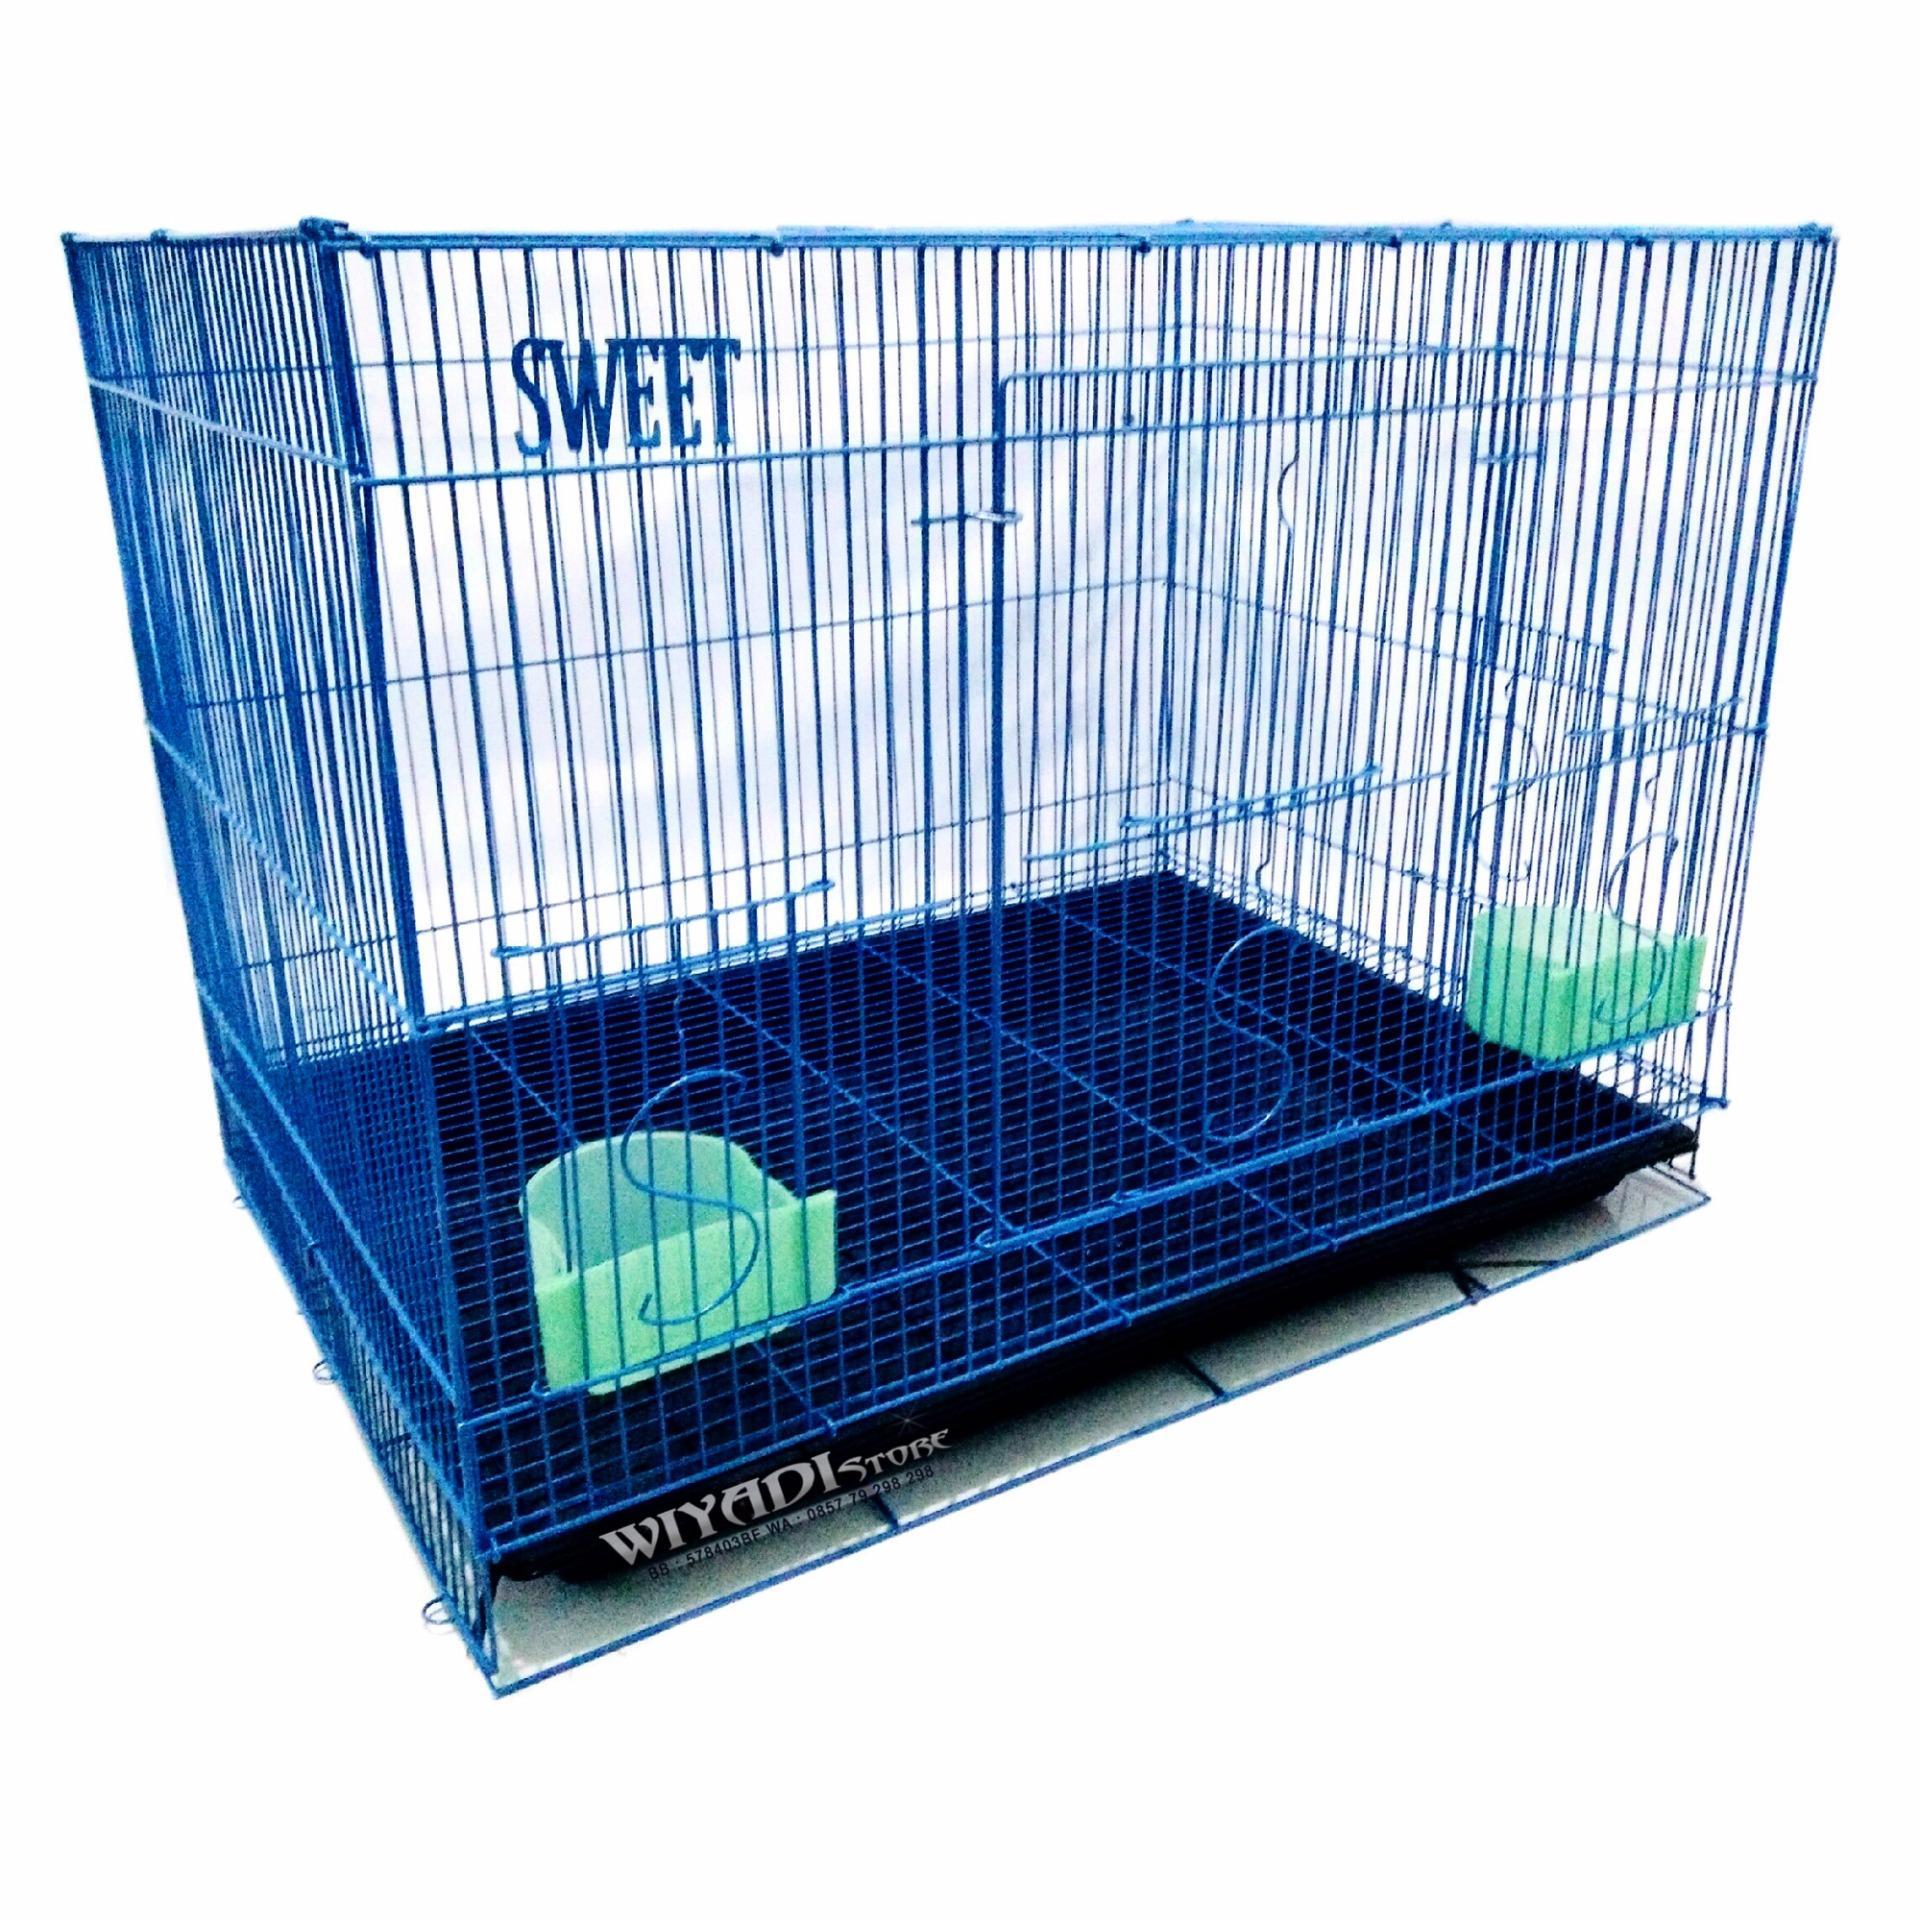 Wiyadistore K12 Kandang Kucing Besi Lipat Besar 60P Biru Terbaru